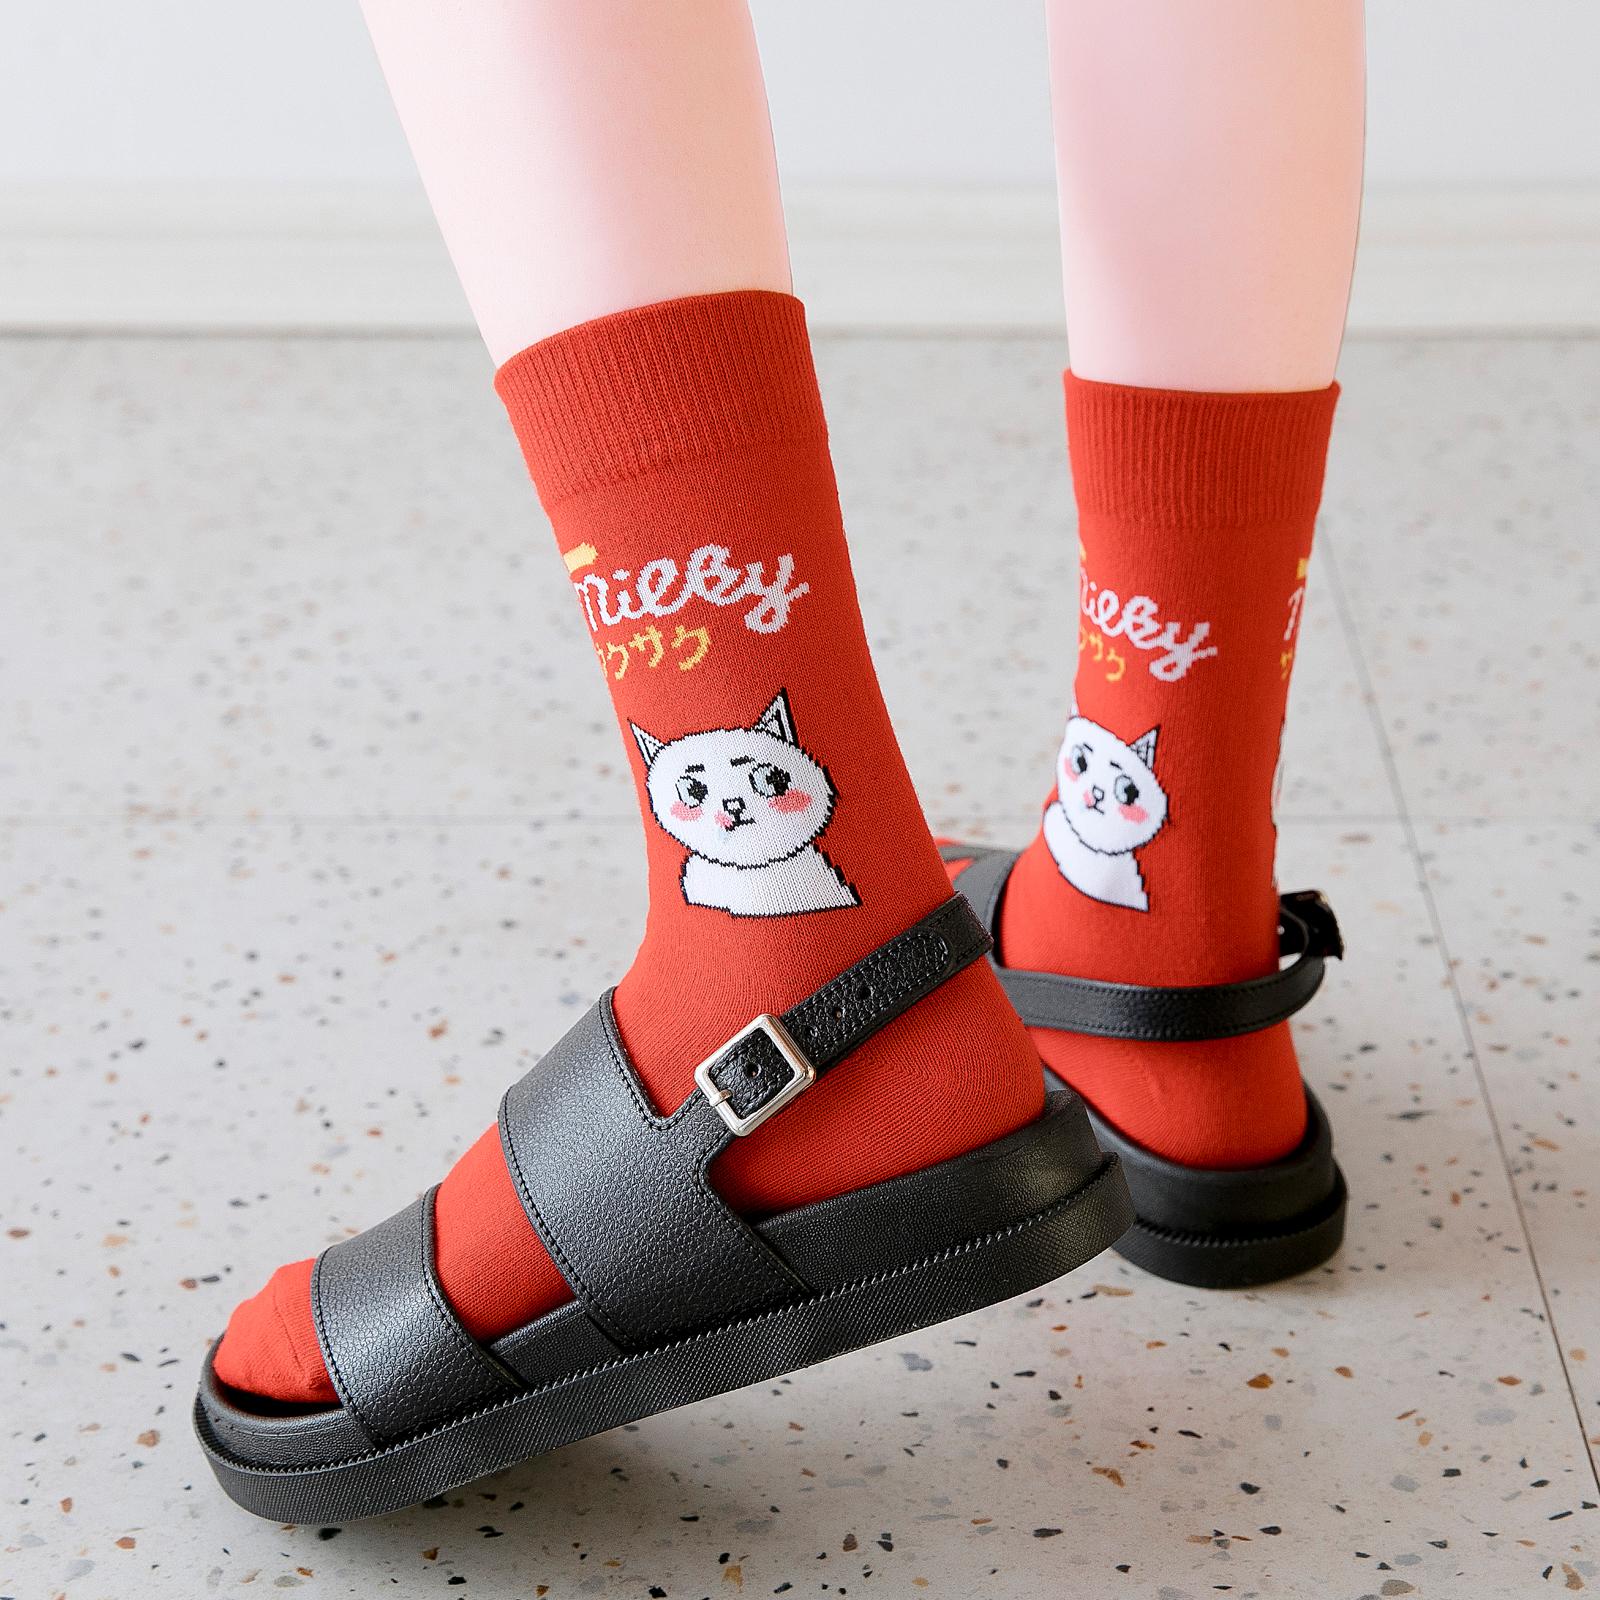 中筒袜女生潮ins夏季韩版长筒袜街头嘻哈可爱卡通袜子薄款网红袜